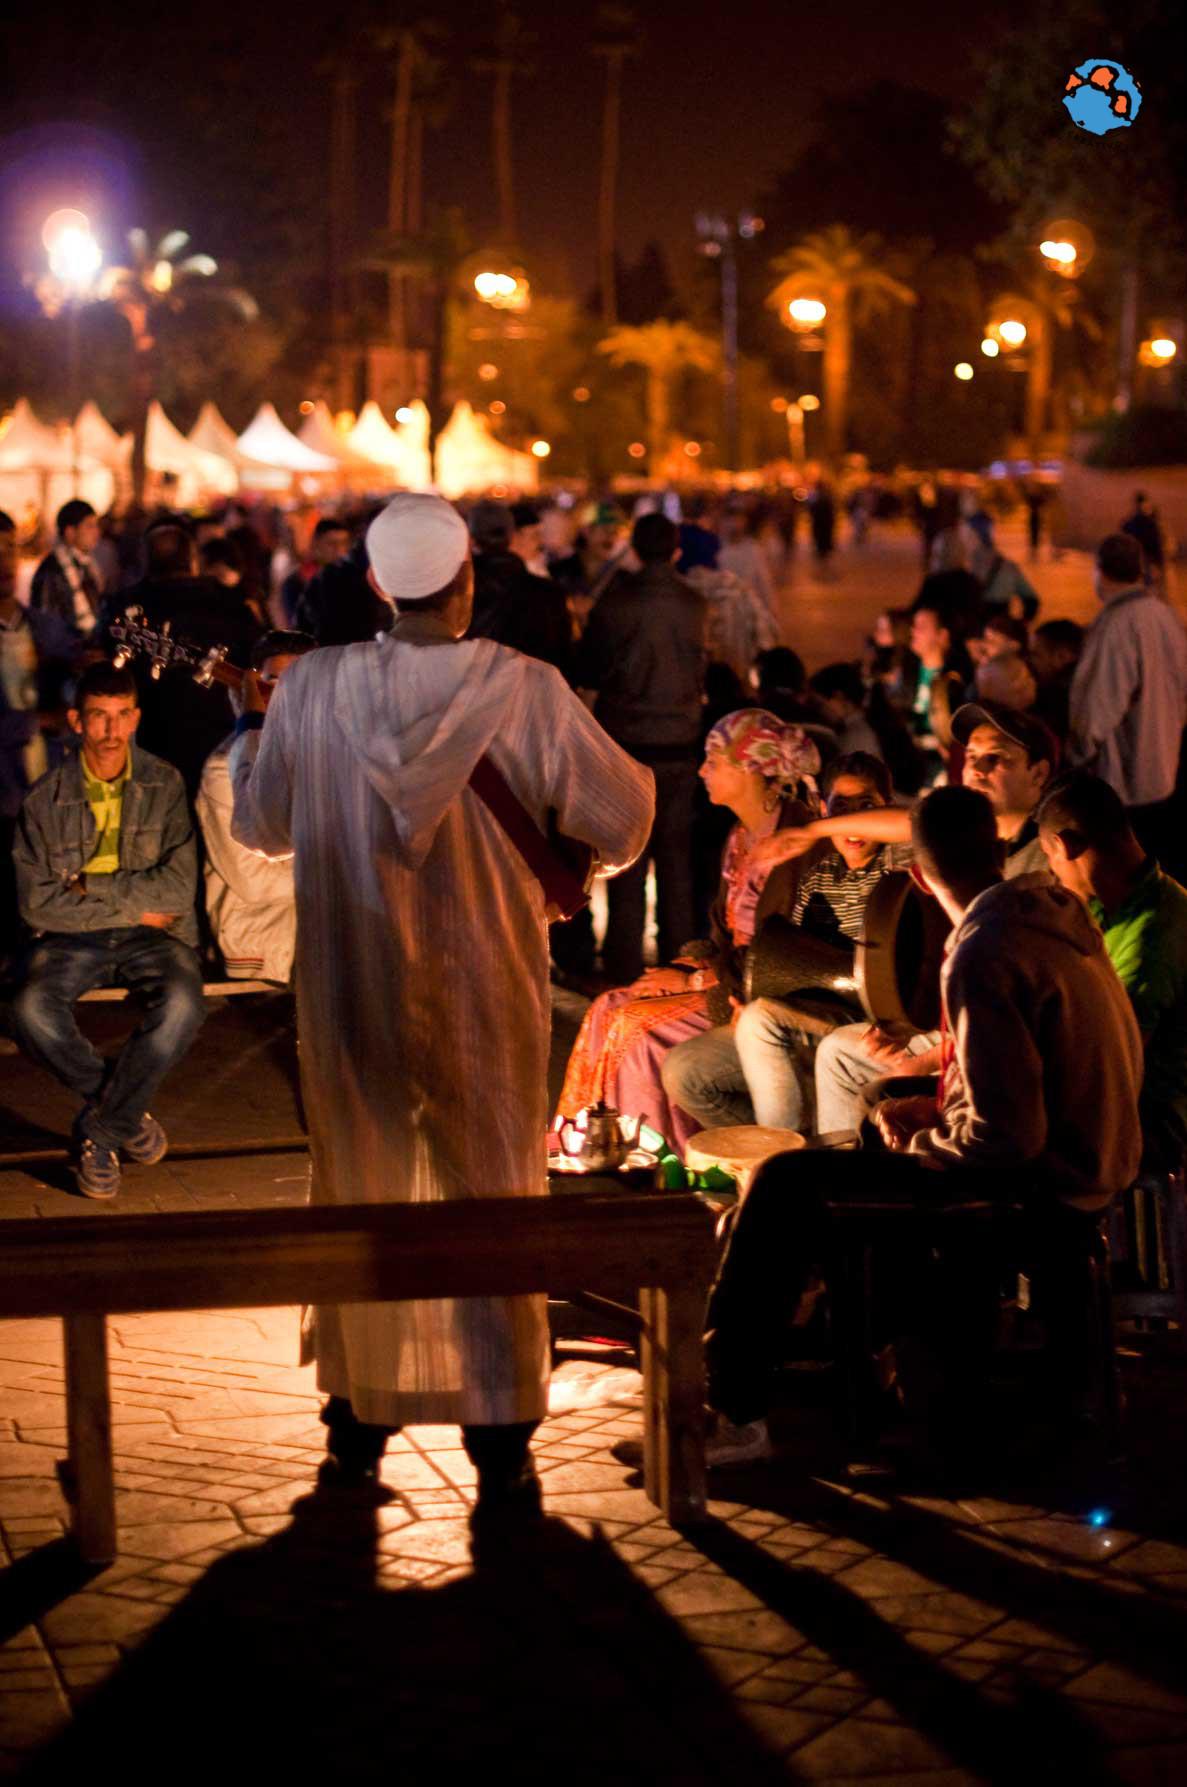 Músico en Djamaa el fna Marrakech